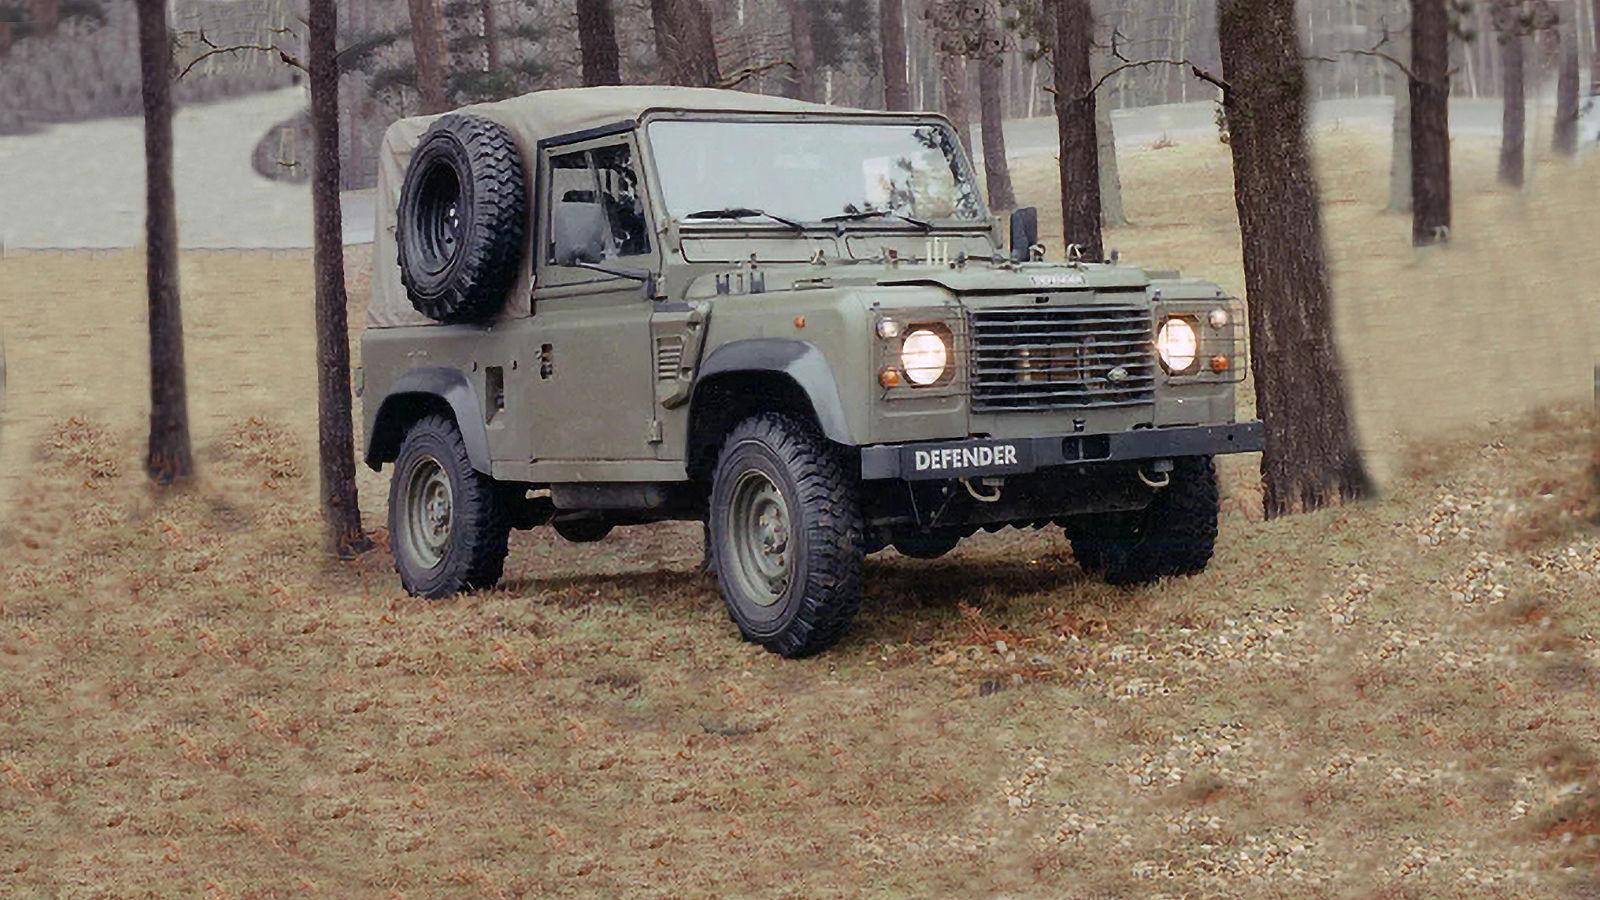 1996'da ordu için yaklaşık 8.000 adet Defender XD üretildi